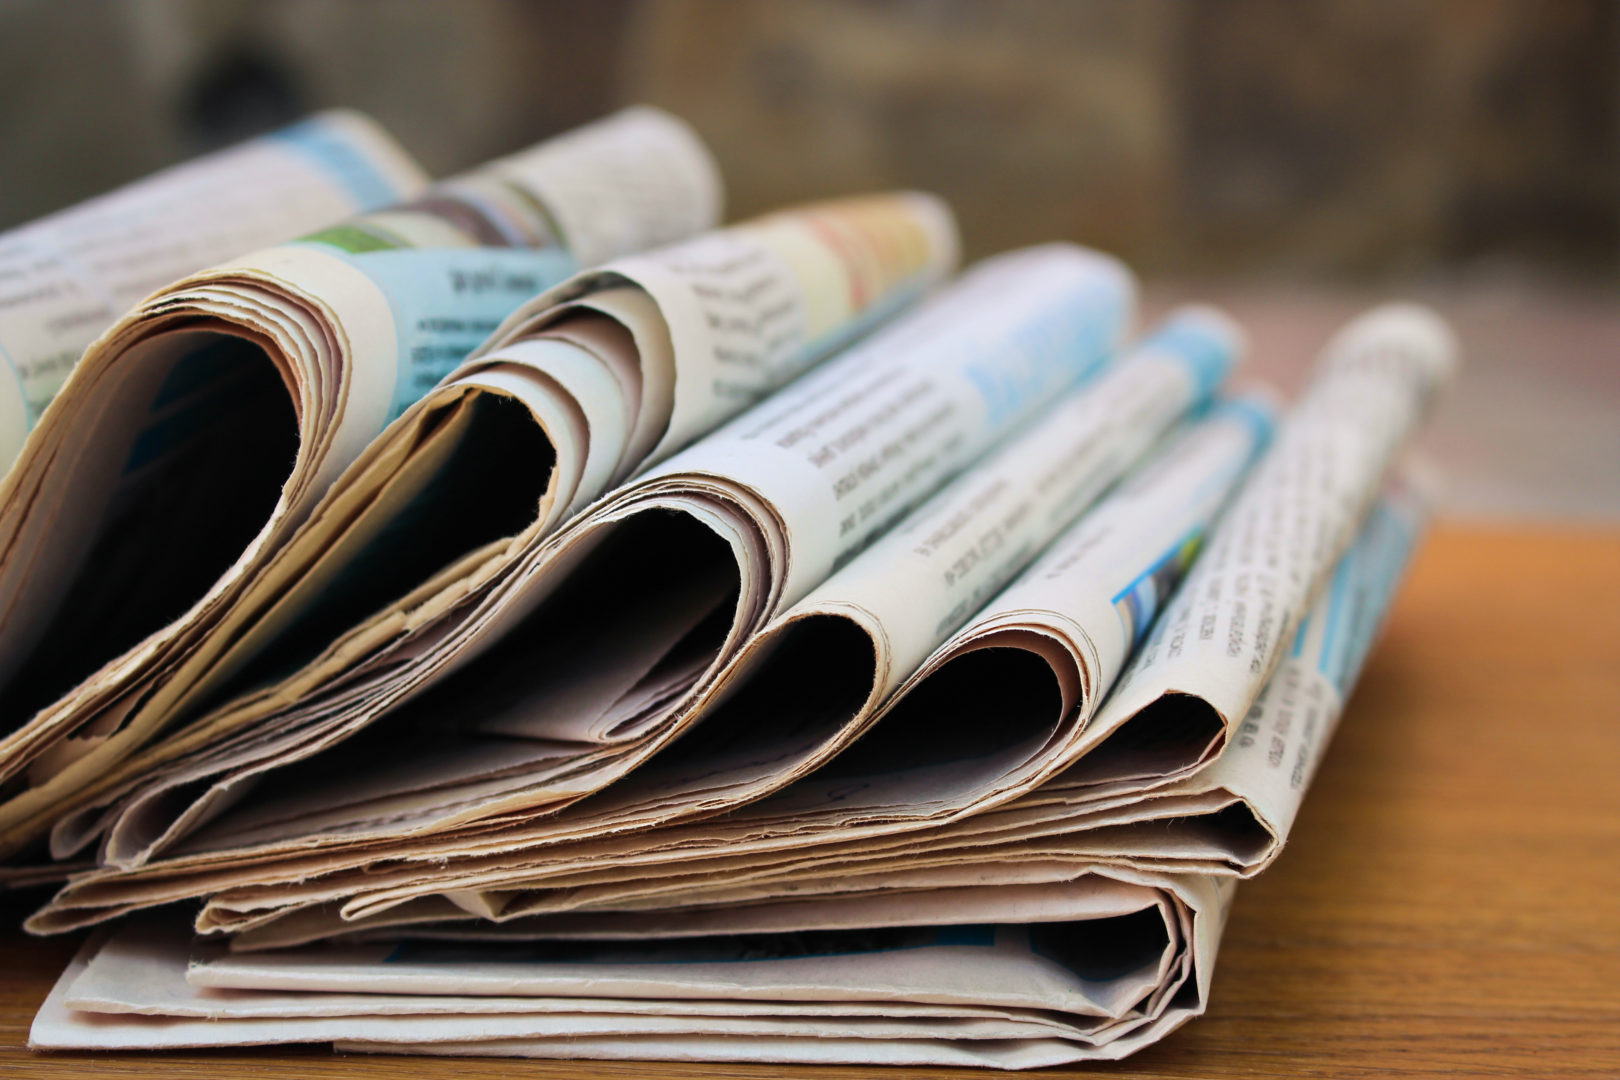 Картинки стопок газет и журналов